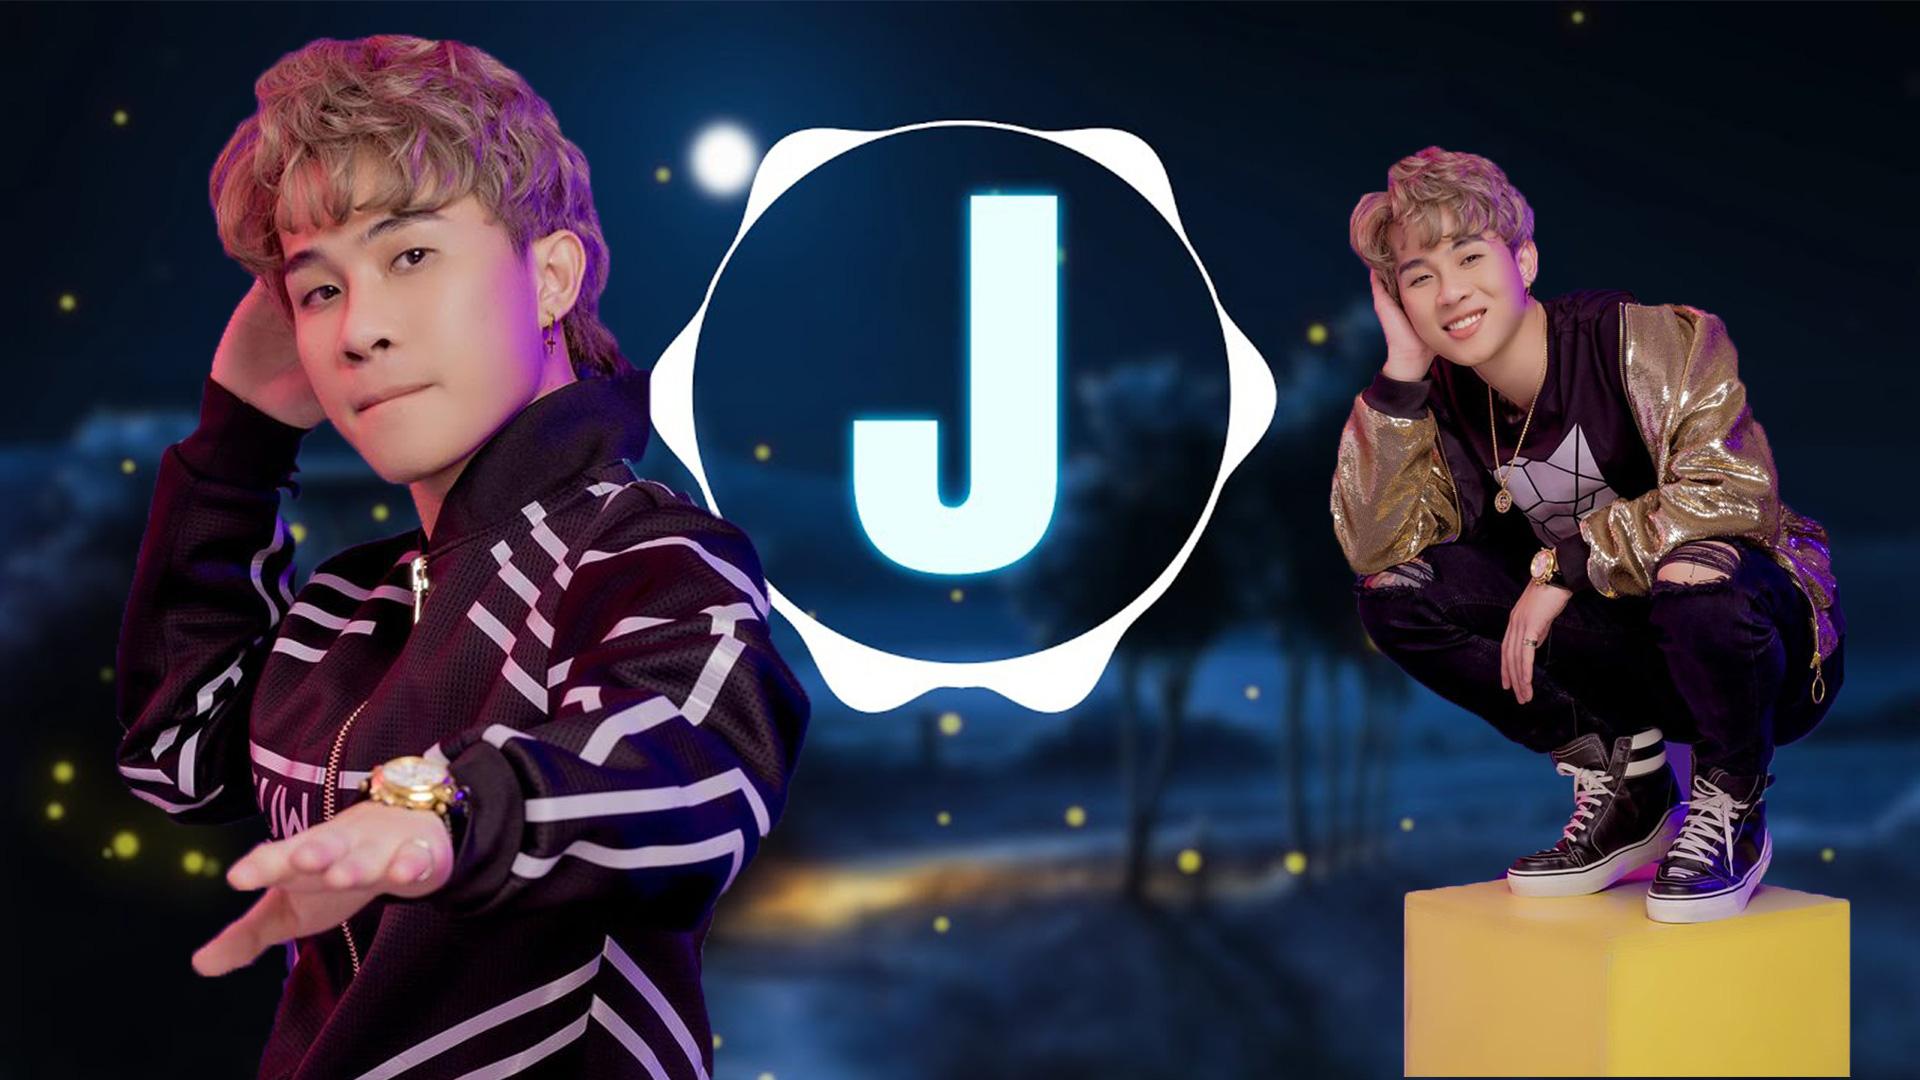 Jack lấy nghệ danh thành J97, đạt top 1 thịnh hành YouTube nhanh ...